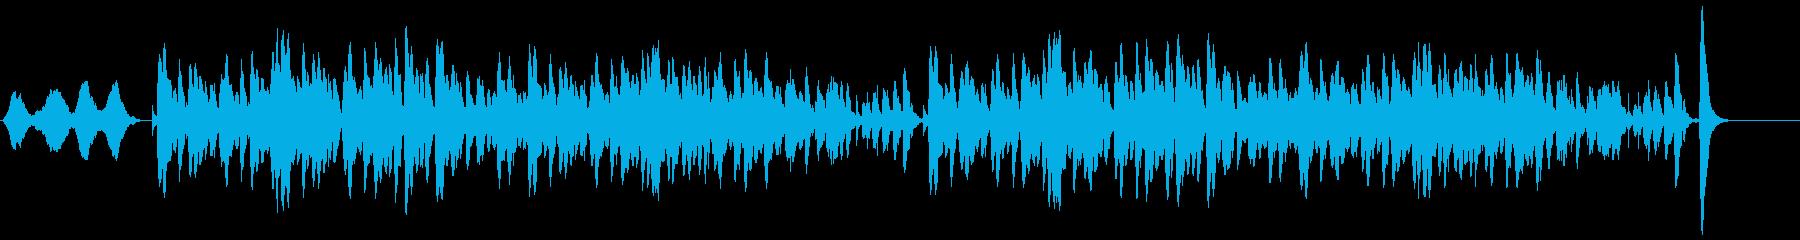 チェロとはじき出されたチェロの音は...の再生済みの波形